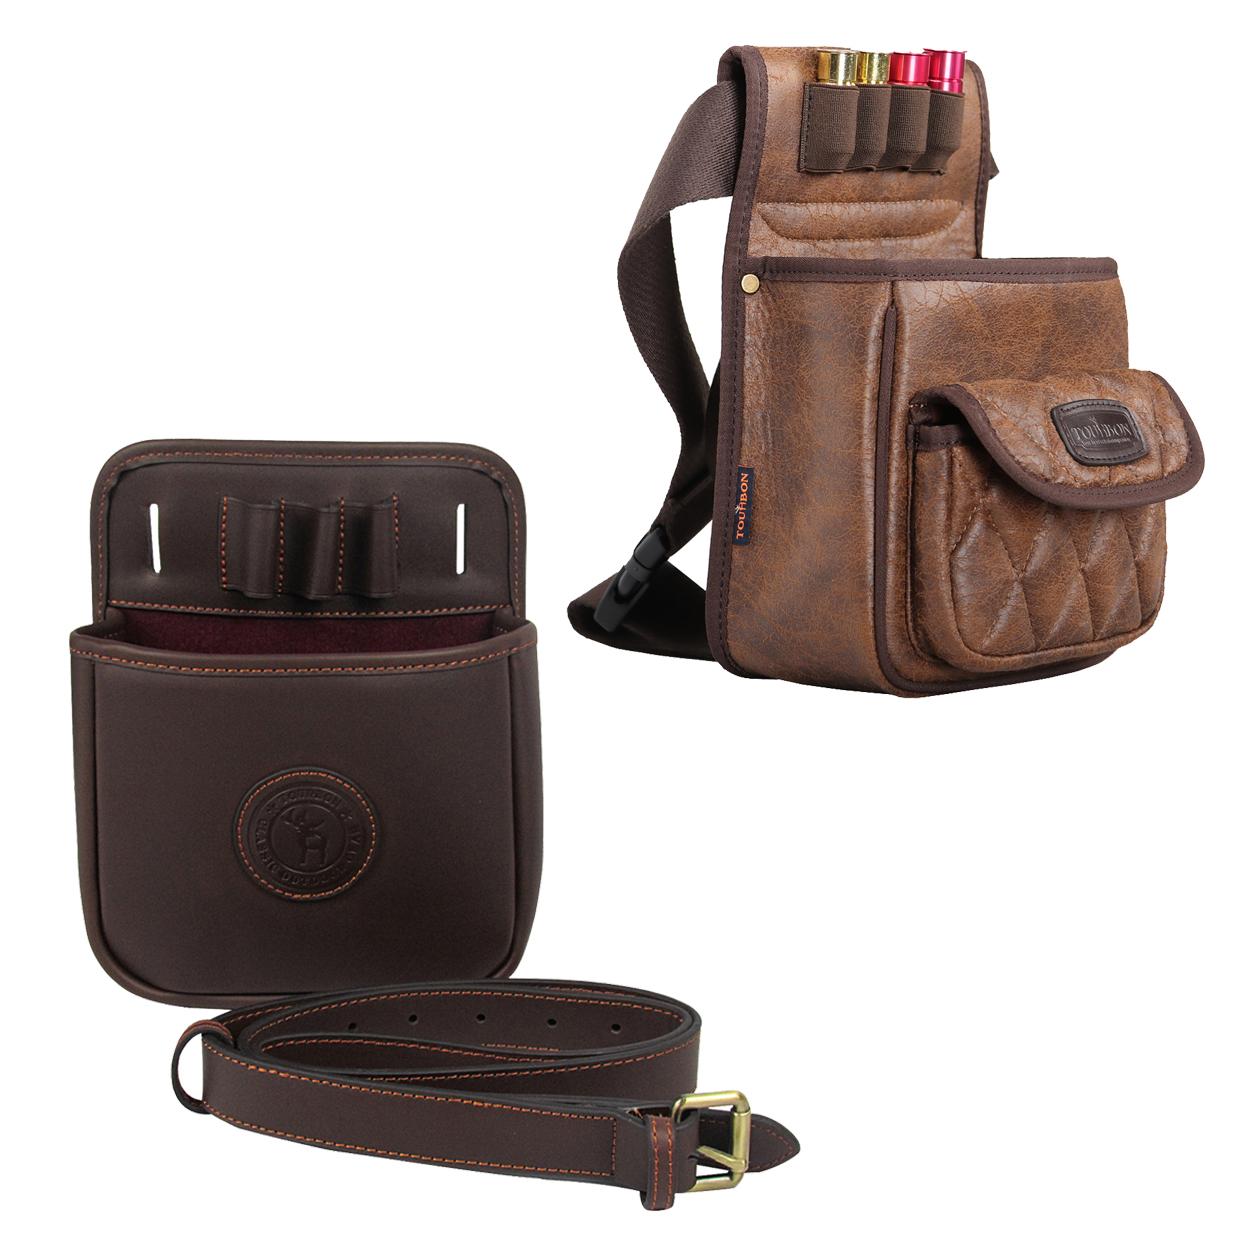 Canvas /& Leather Shotgun 75 Cartridges Holder Speed Loader Bag Ammo Carrier